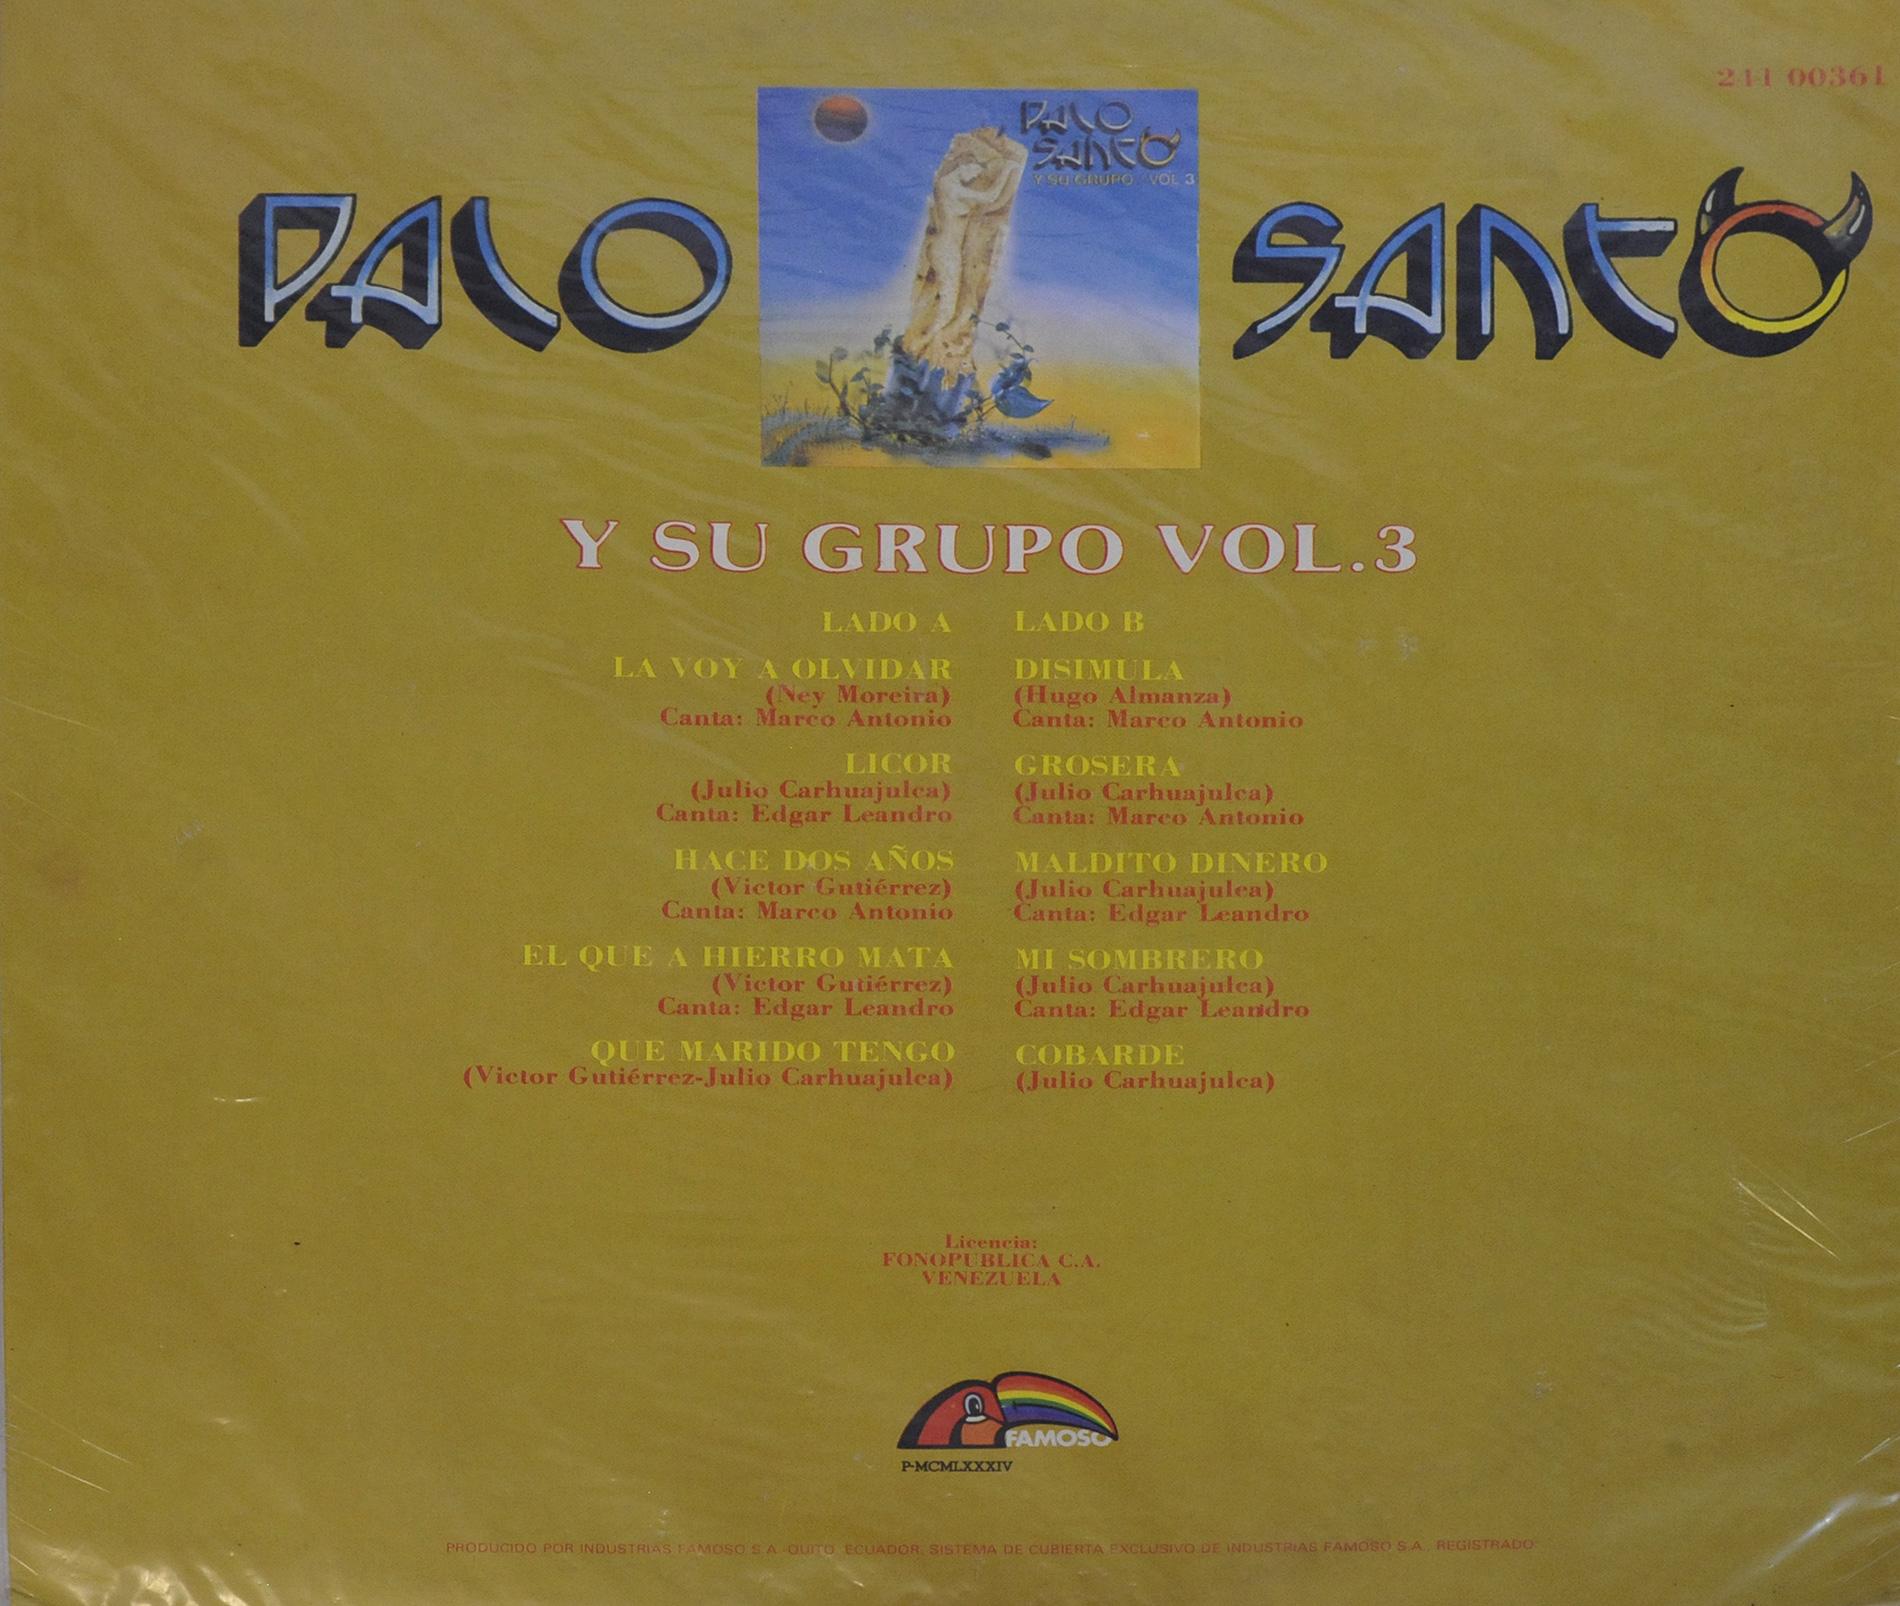 Palo Santo y su Grupo Vol 3